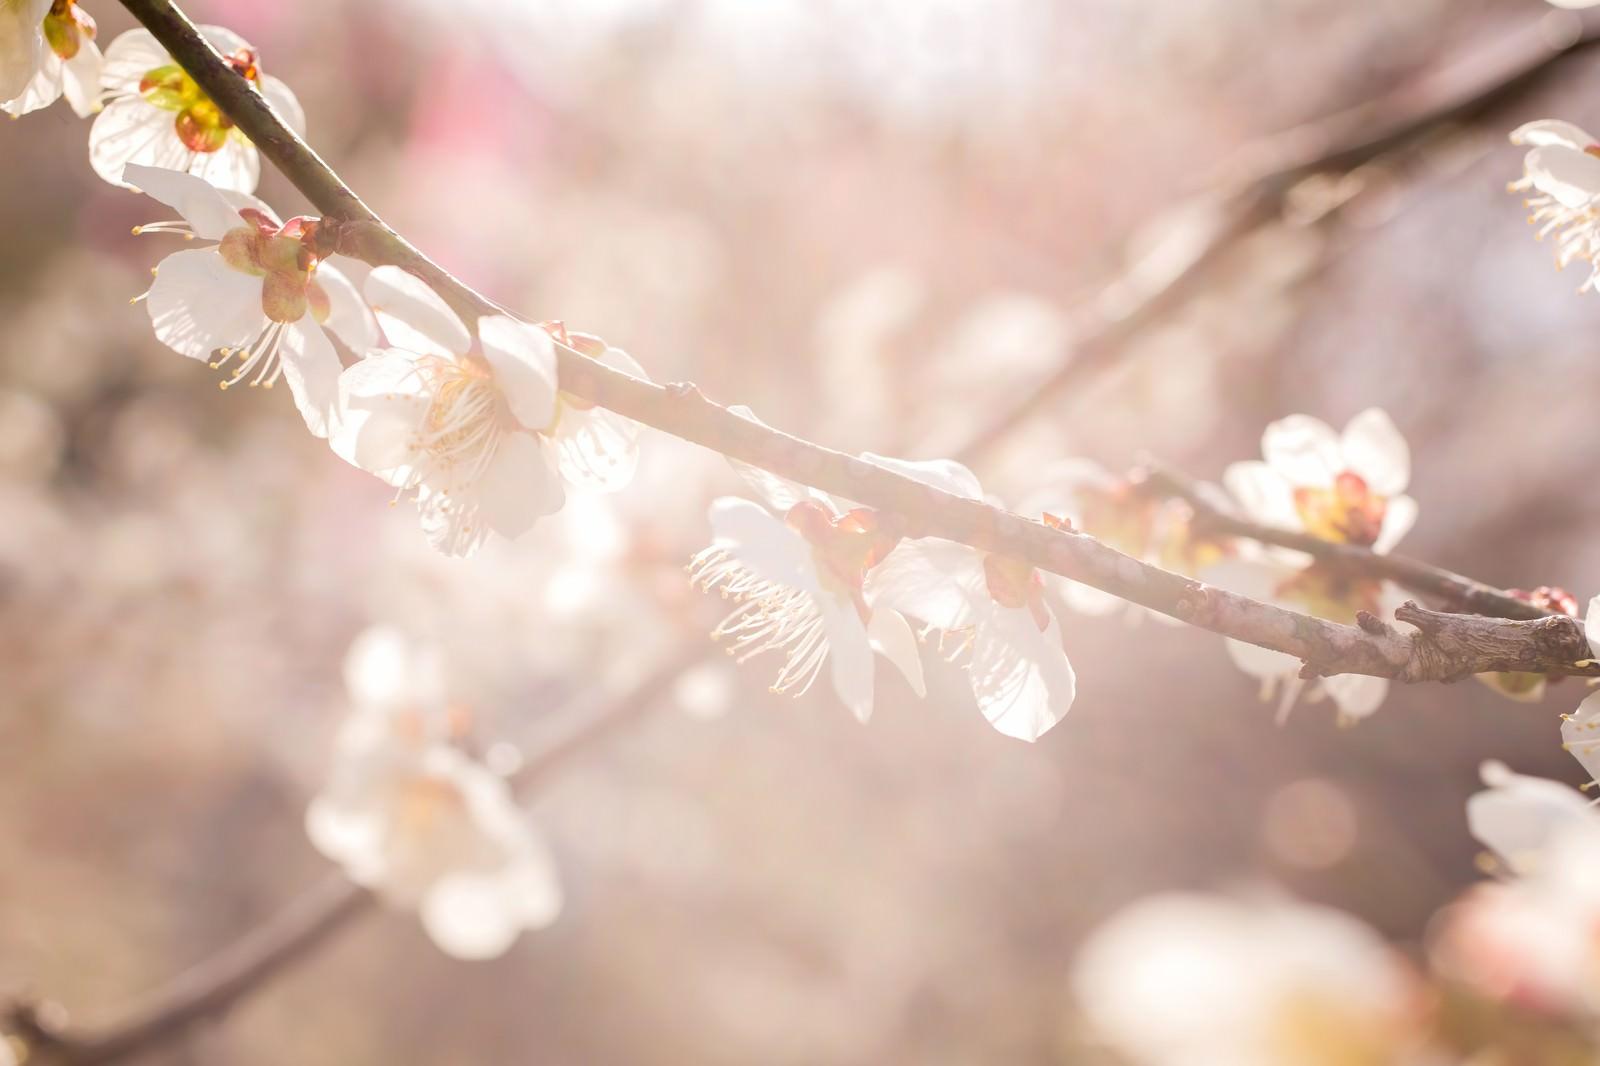 「柔らかく暖かい日差しと梅の花柔らかく暖かい日差しと梅の花」のフリー写真素材を拡大